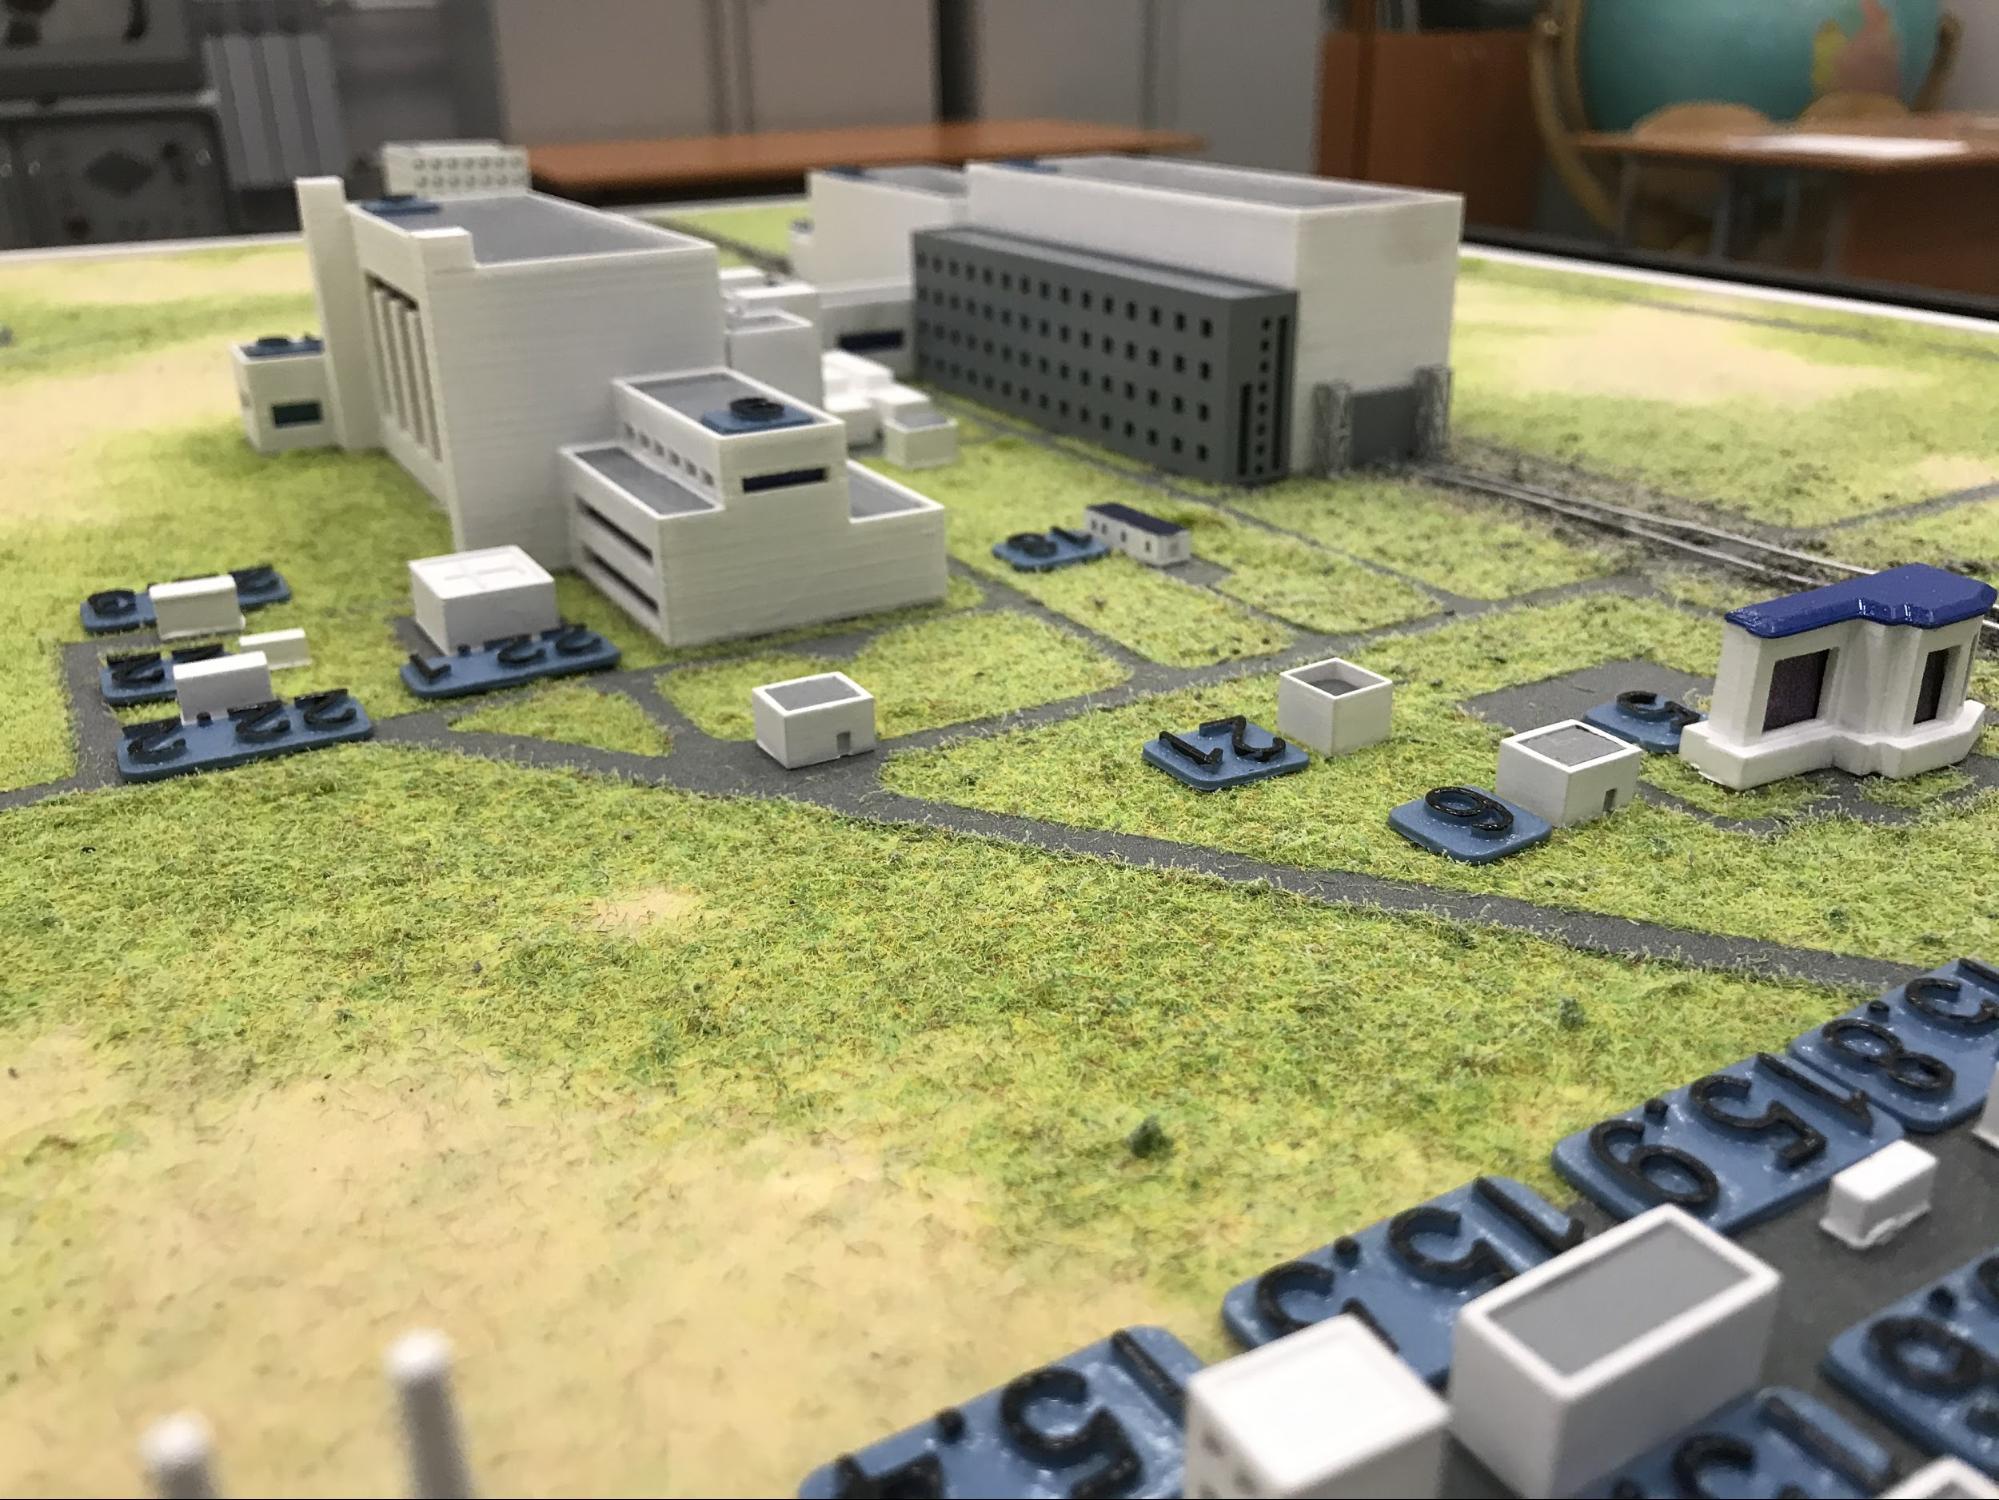 Как мы делали макеты космической техники для Московского авиационного института - 40